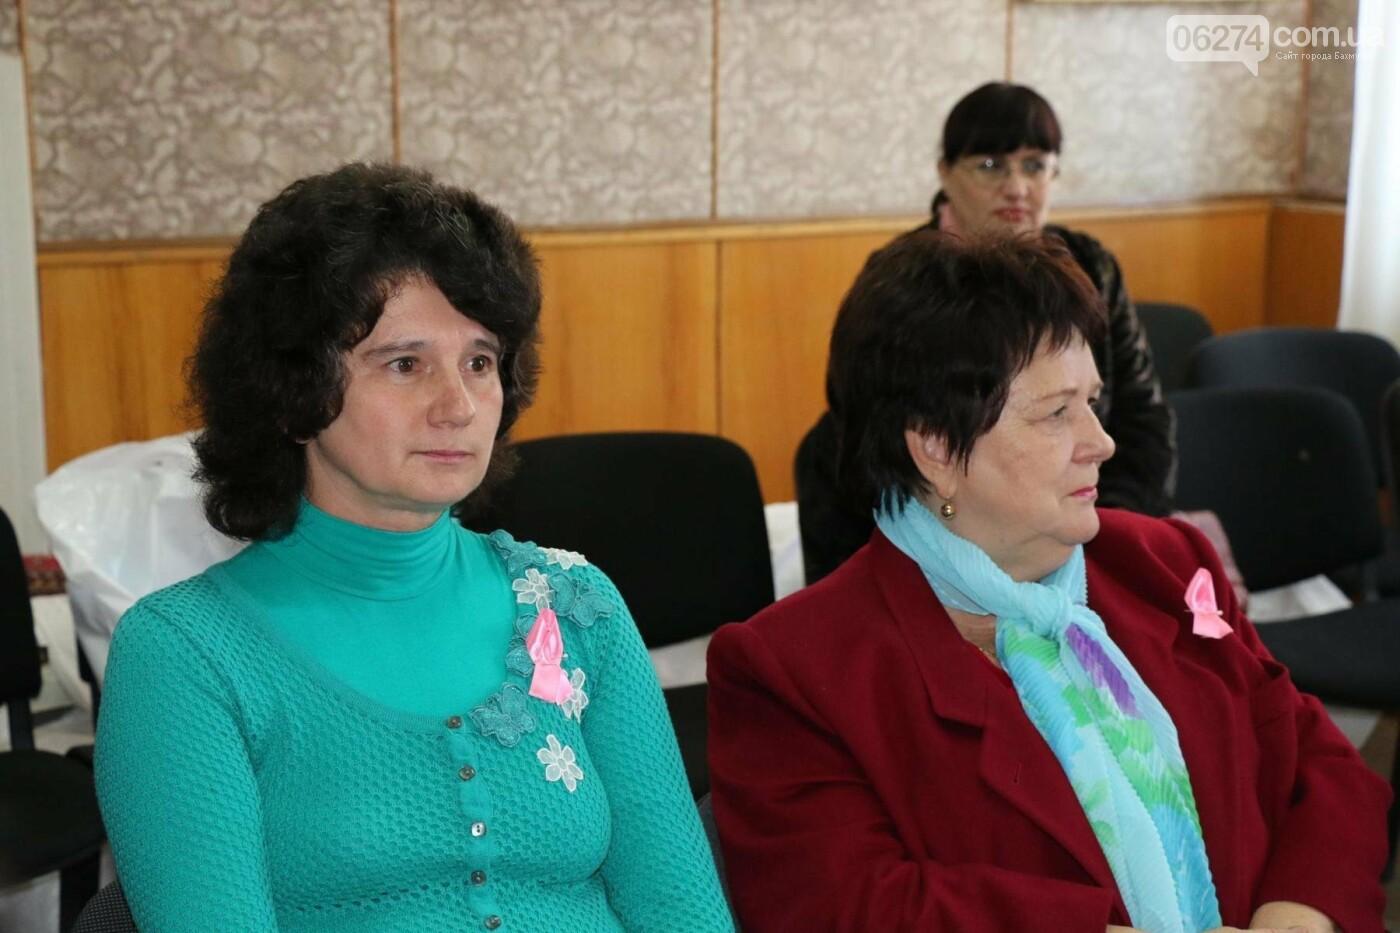 В Бахмуте медики обсудили методы борьбы с раком молочной железы, фото-1